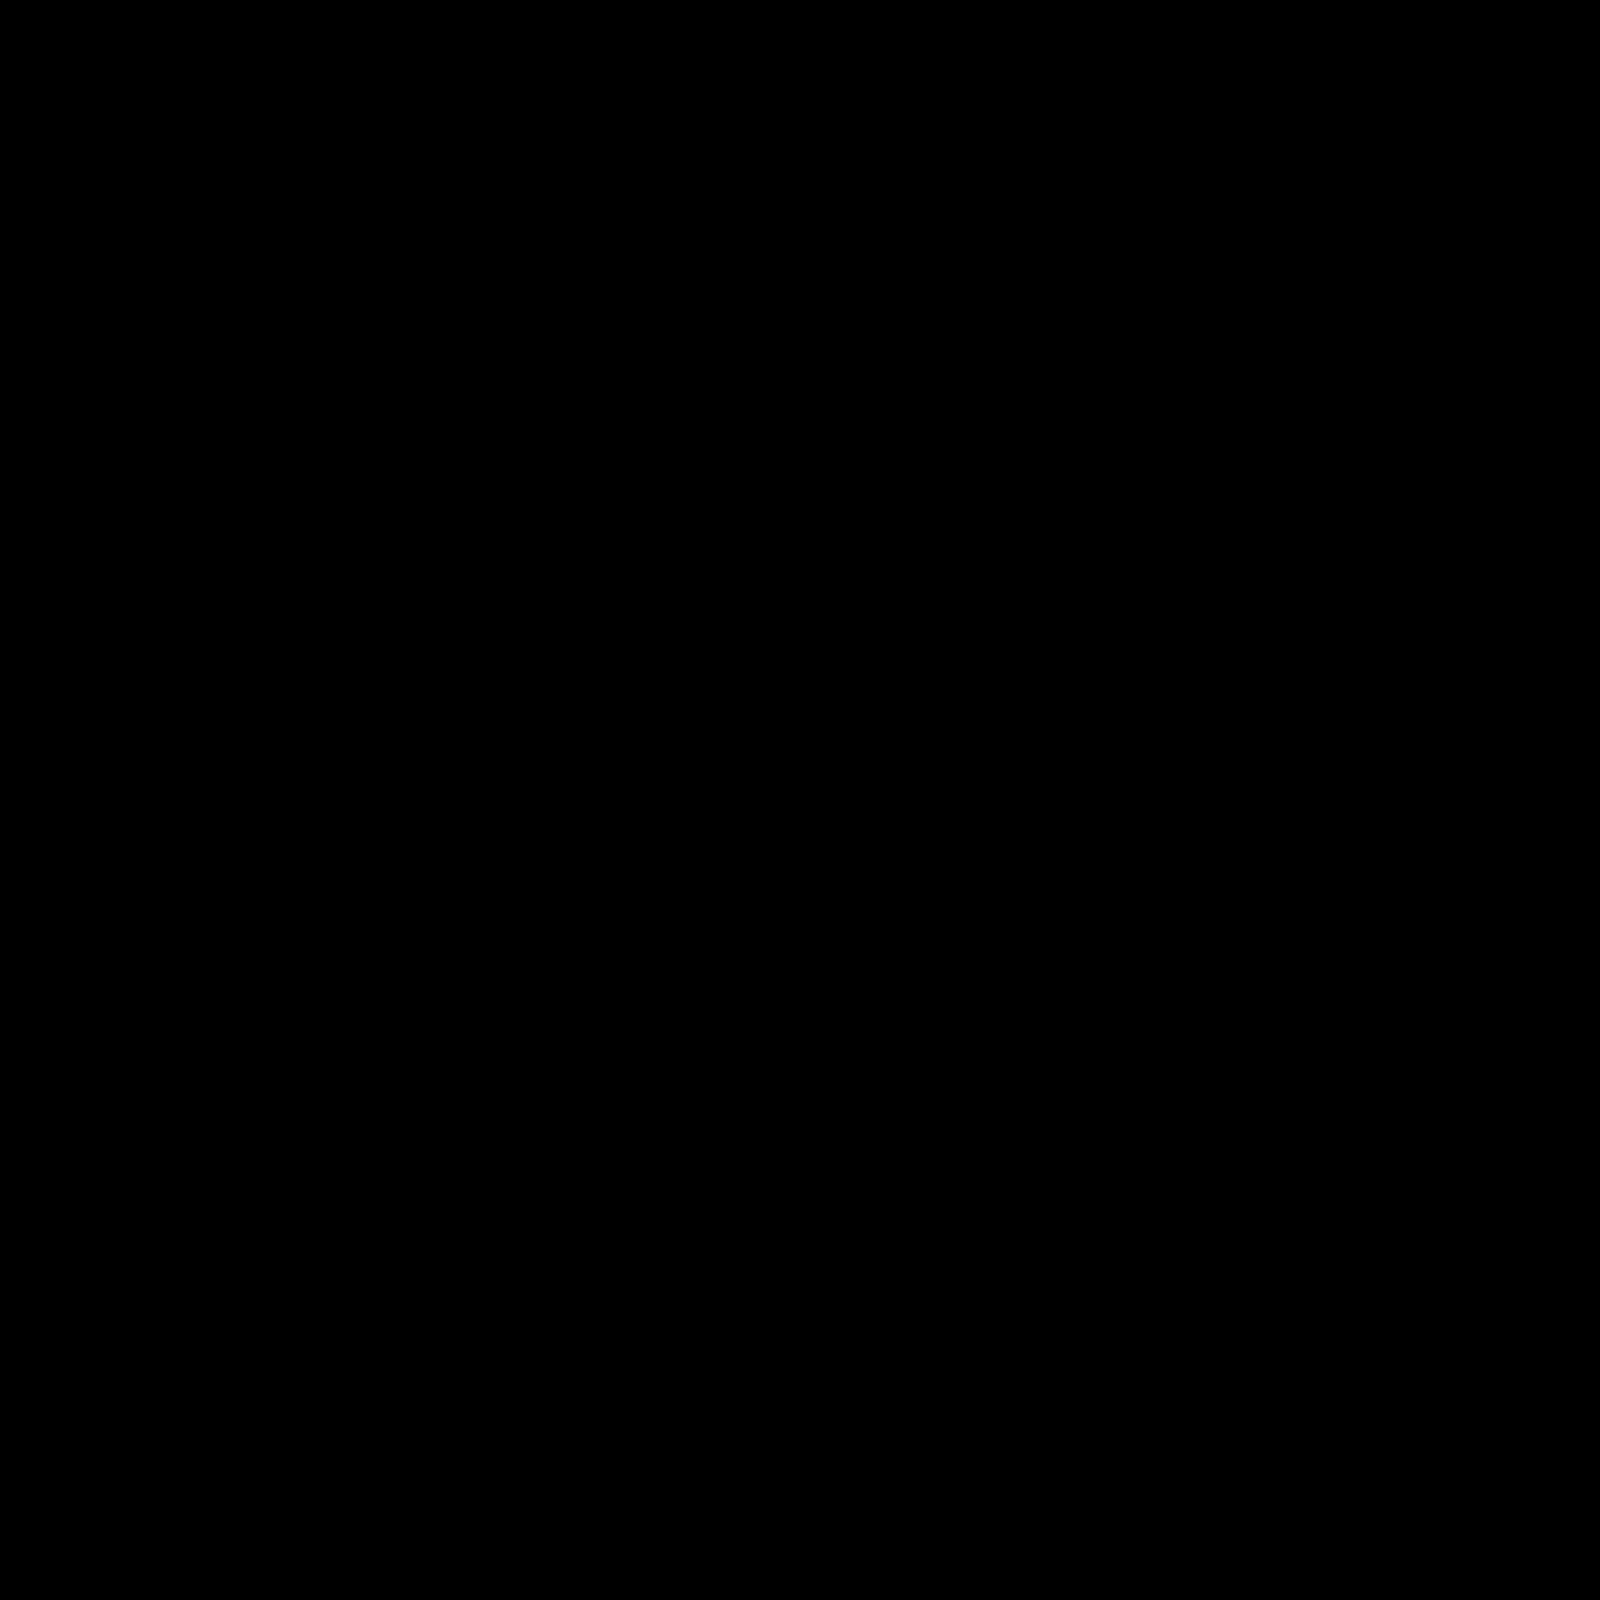 主题 icon. A speech bubble is shaped like a circle, with a small portion (about 1/10) open on the bottom left. Two lines are drawn off of this, that extend a short ways before meeting, to close the bubble. It looks like a circle with a small triangle hanging from it.